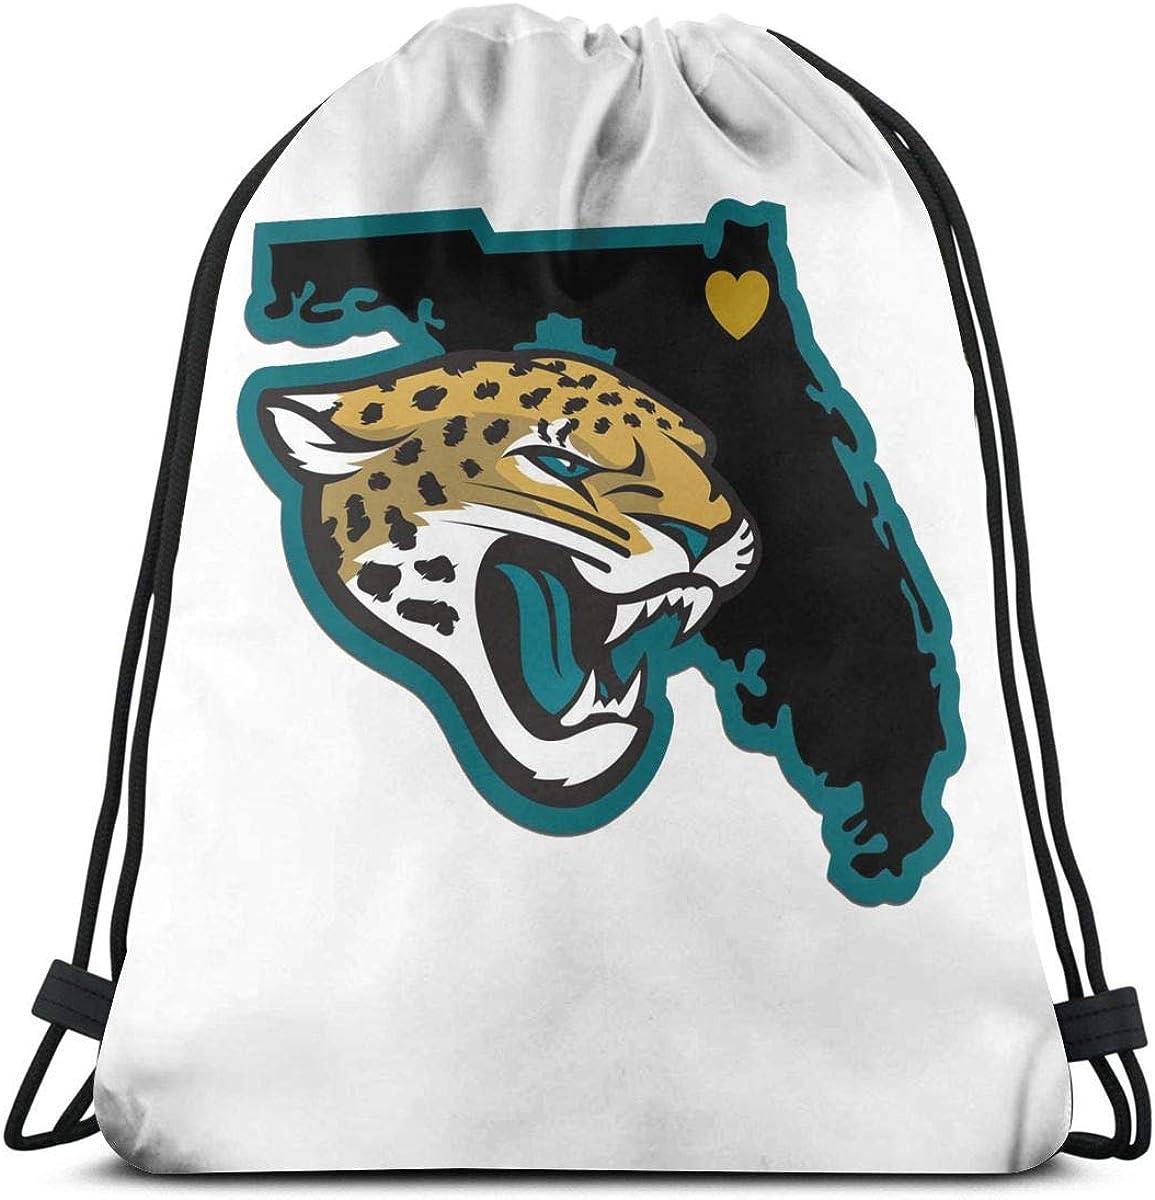 Griffithnelle Elegant Travel Hiking Backpack Jacksonville Jaguars Drawstring Bags Gym Bag